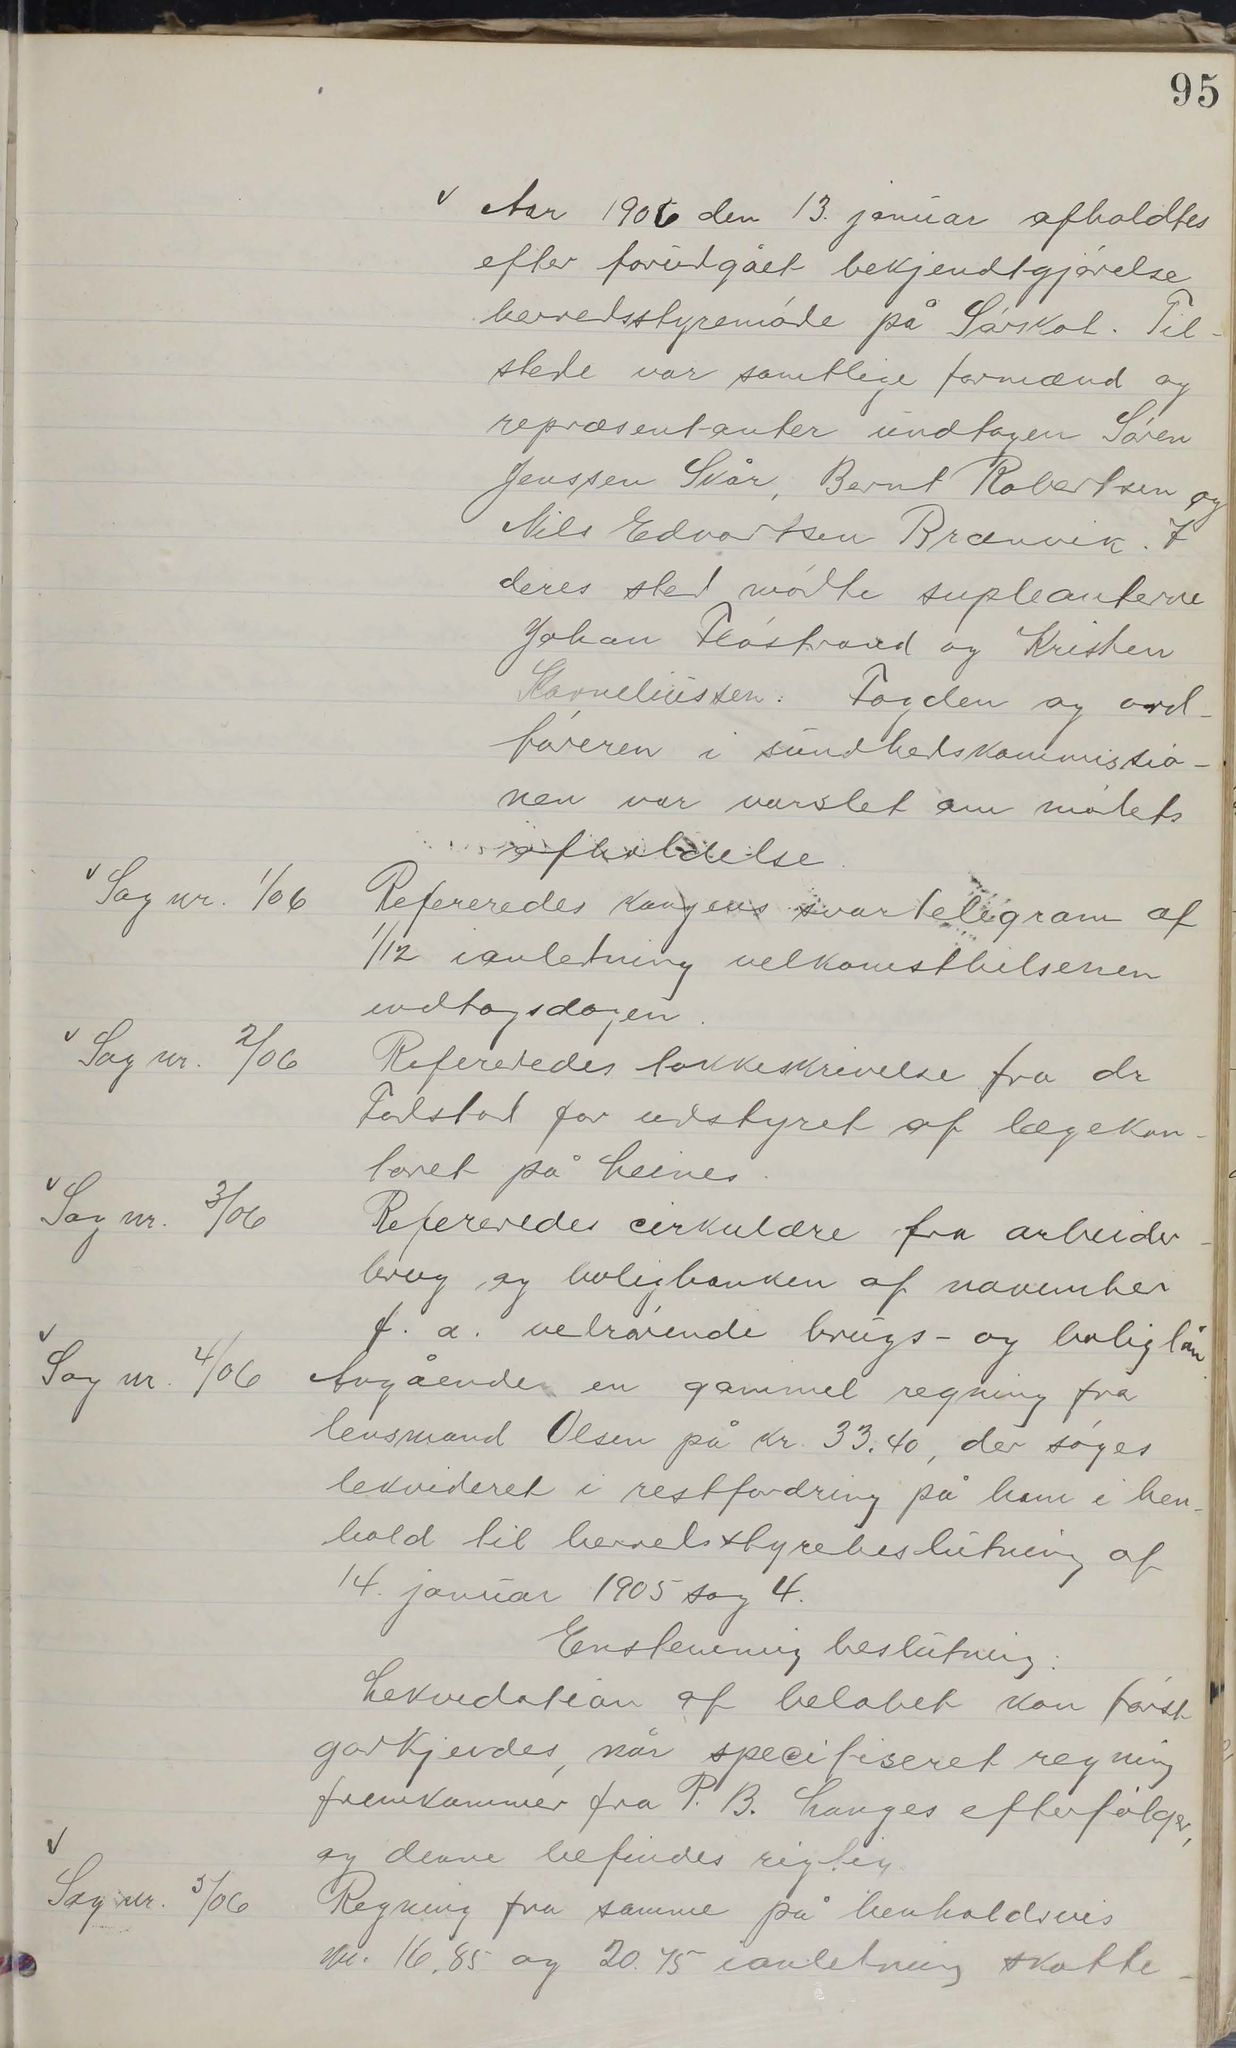 AIN, Leiranger kommune. Formannskapet, 100/L0001: Møtebok, 1900-1913, s. 95